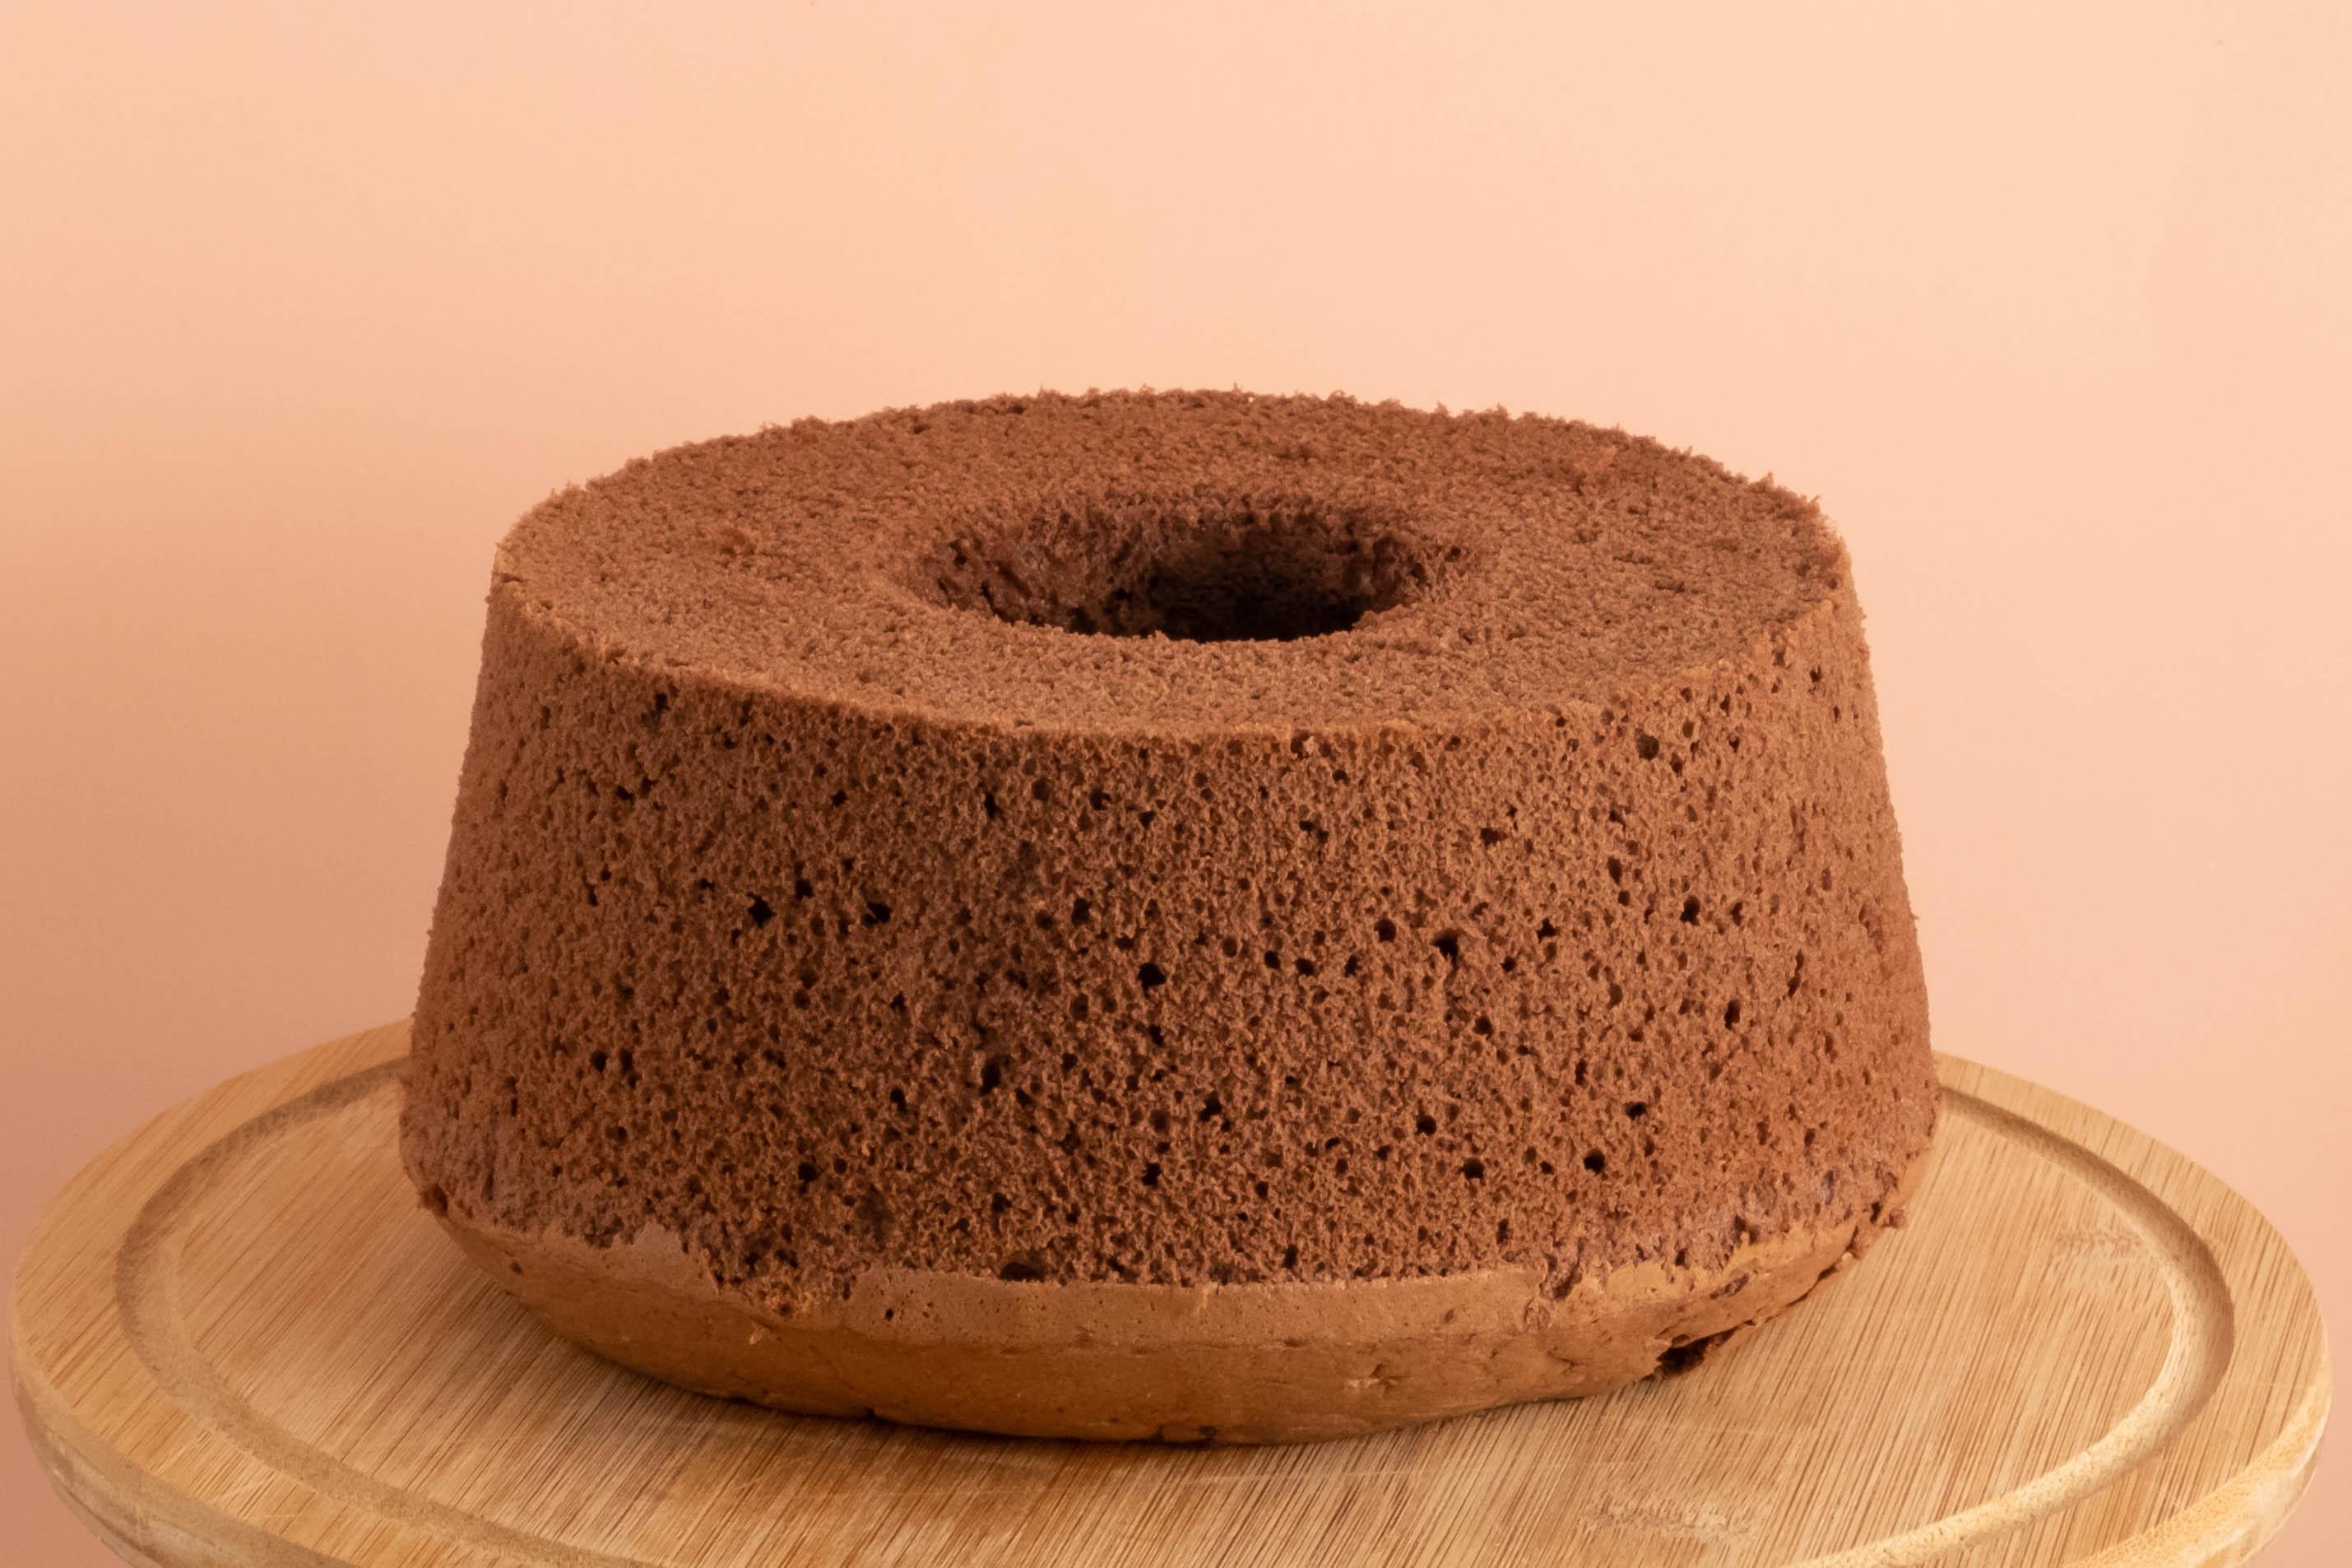 840x560-Chocolate-Chiffon-Cake